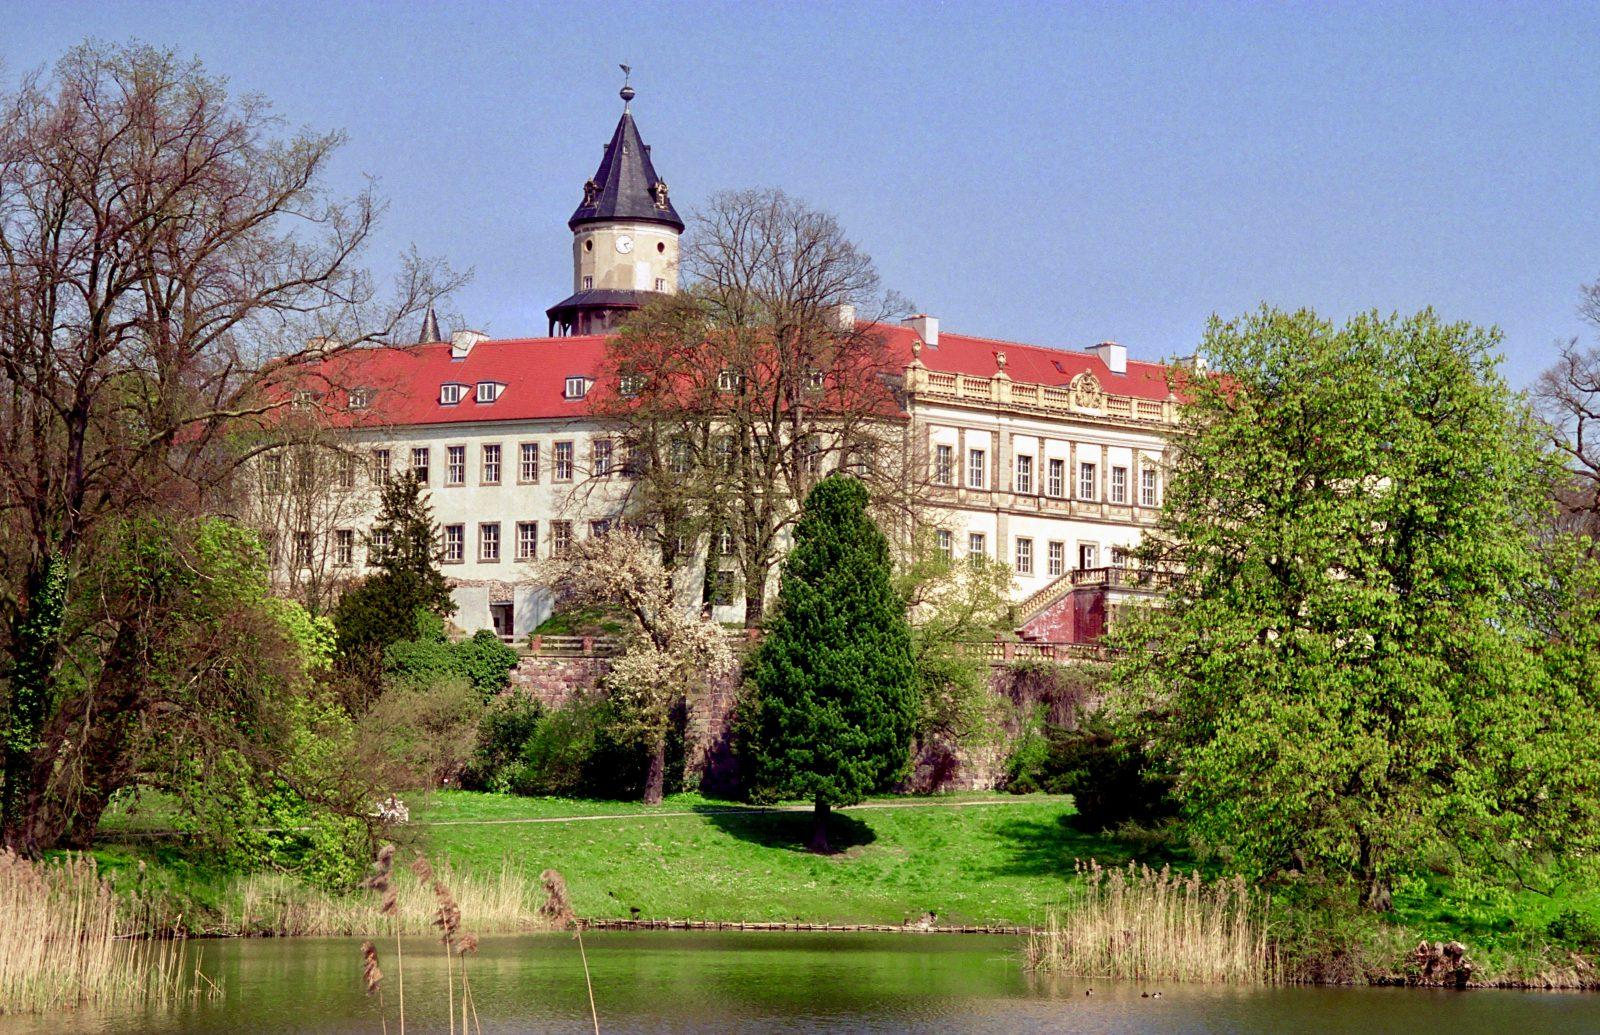 Die Geschichte des Schloss Wiesenburg im Hohen Fläming in Brandenburg reicht bis in das 12. Jahrhundert zurück. Foto: Imago/Gueffroy